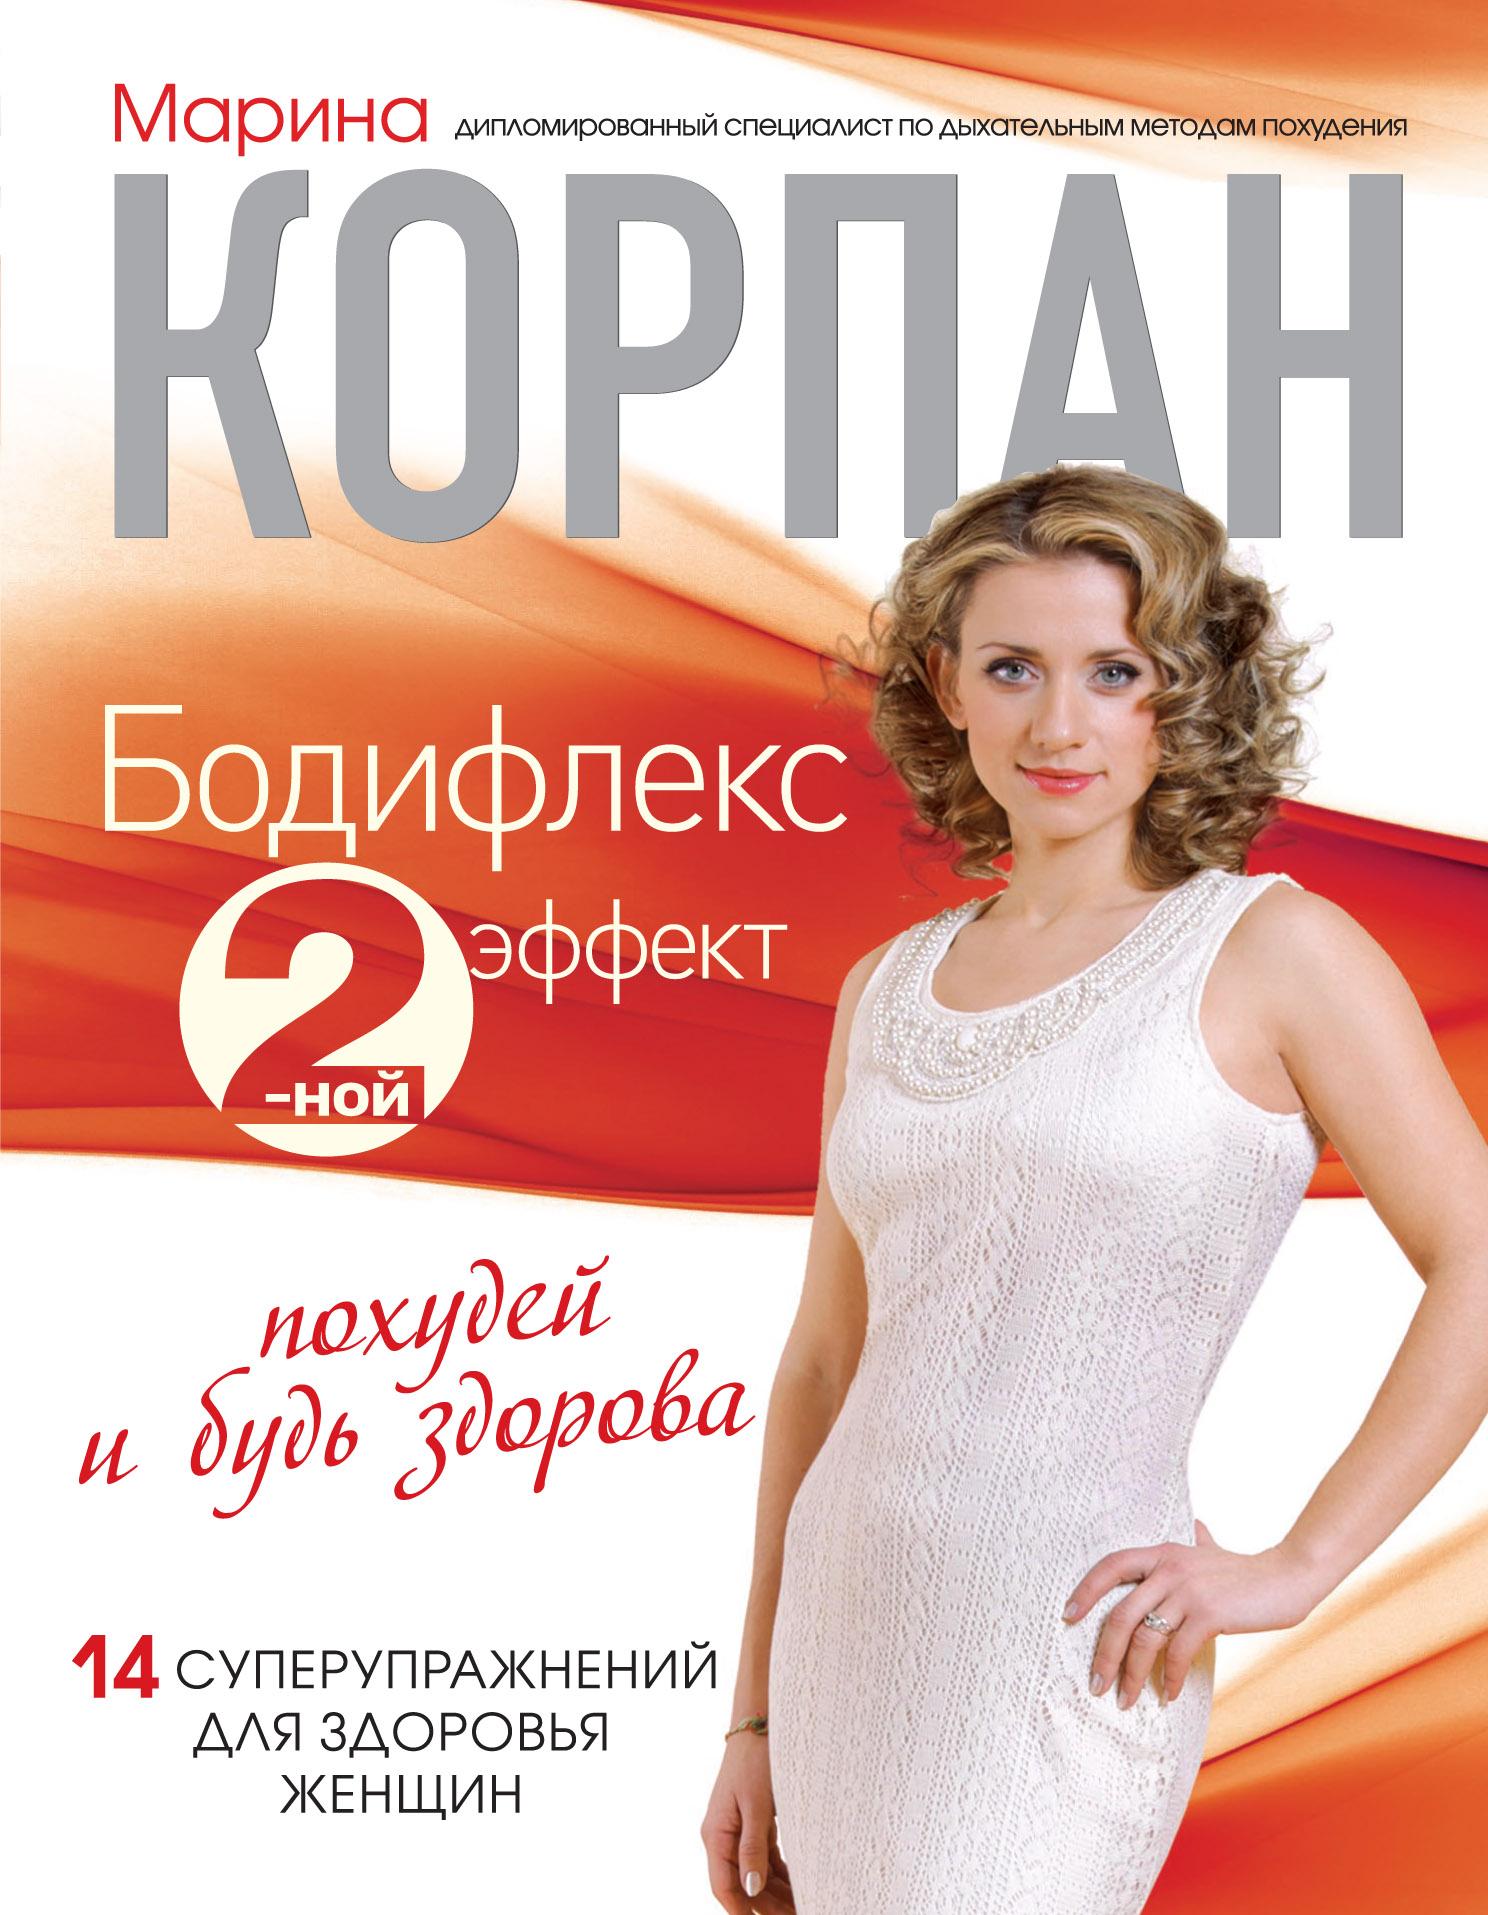 Марина Корпан Бодифлекс 2-ной эффект: похудей и будь здорова цена